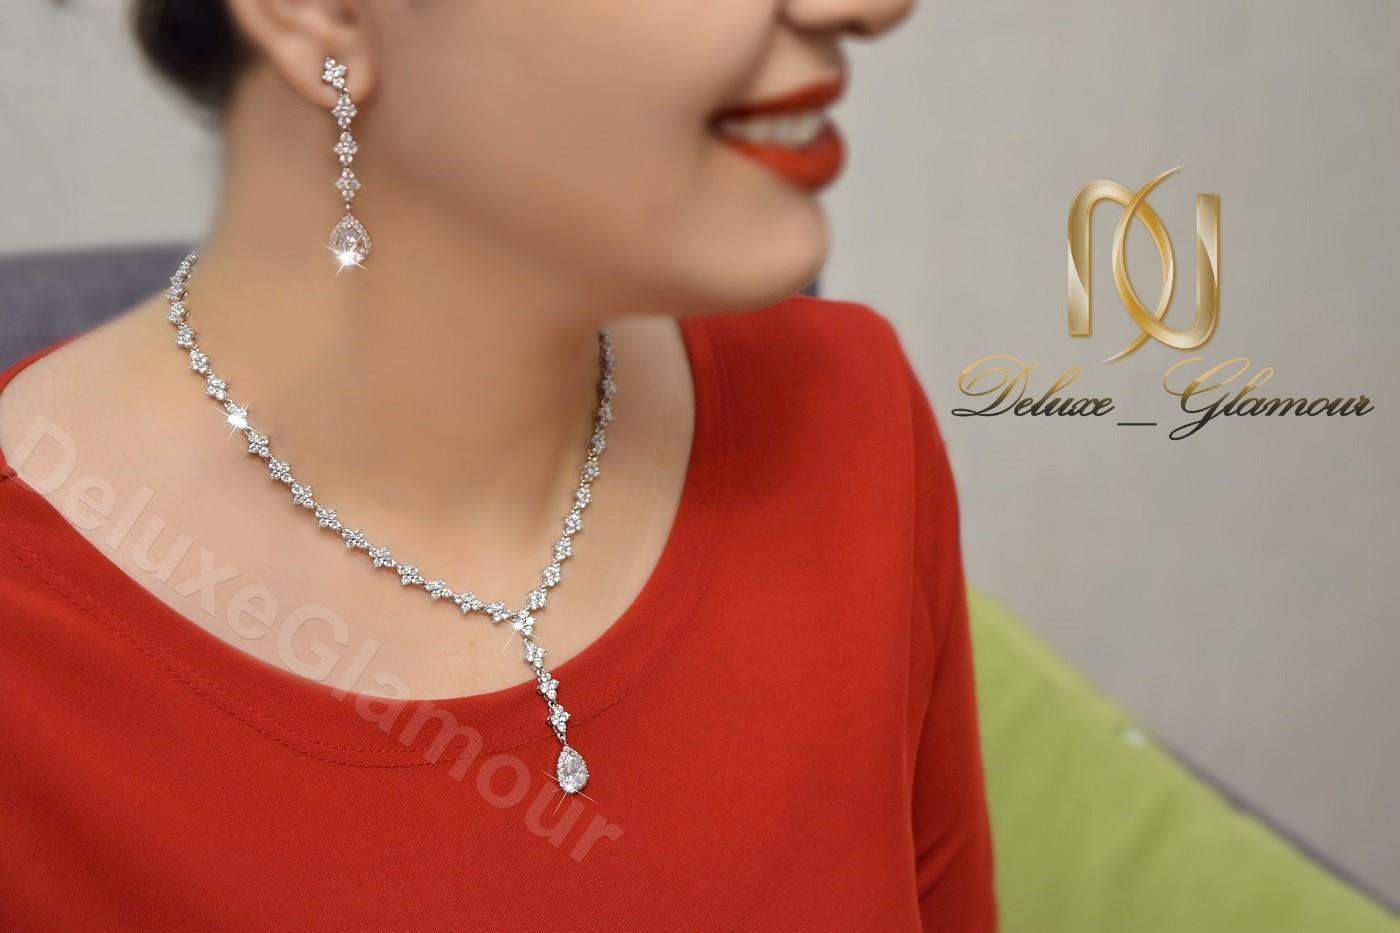 نیم ست جواهري عروس کلیو با کریستالهای سواروسکی Ns-n202 - عکس روی بدن